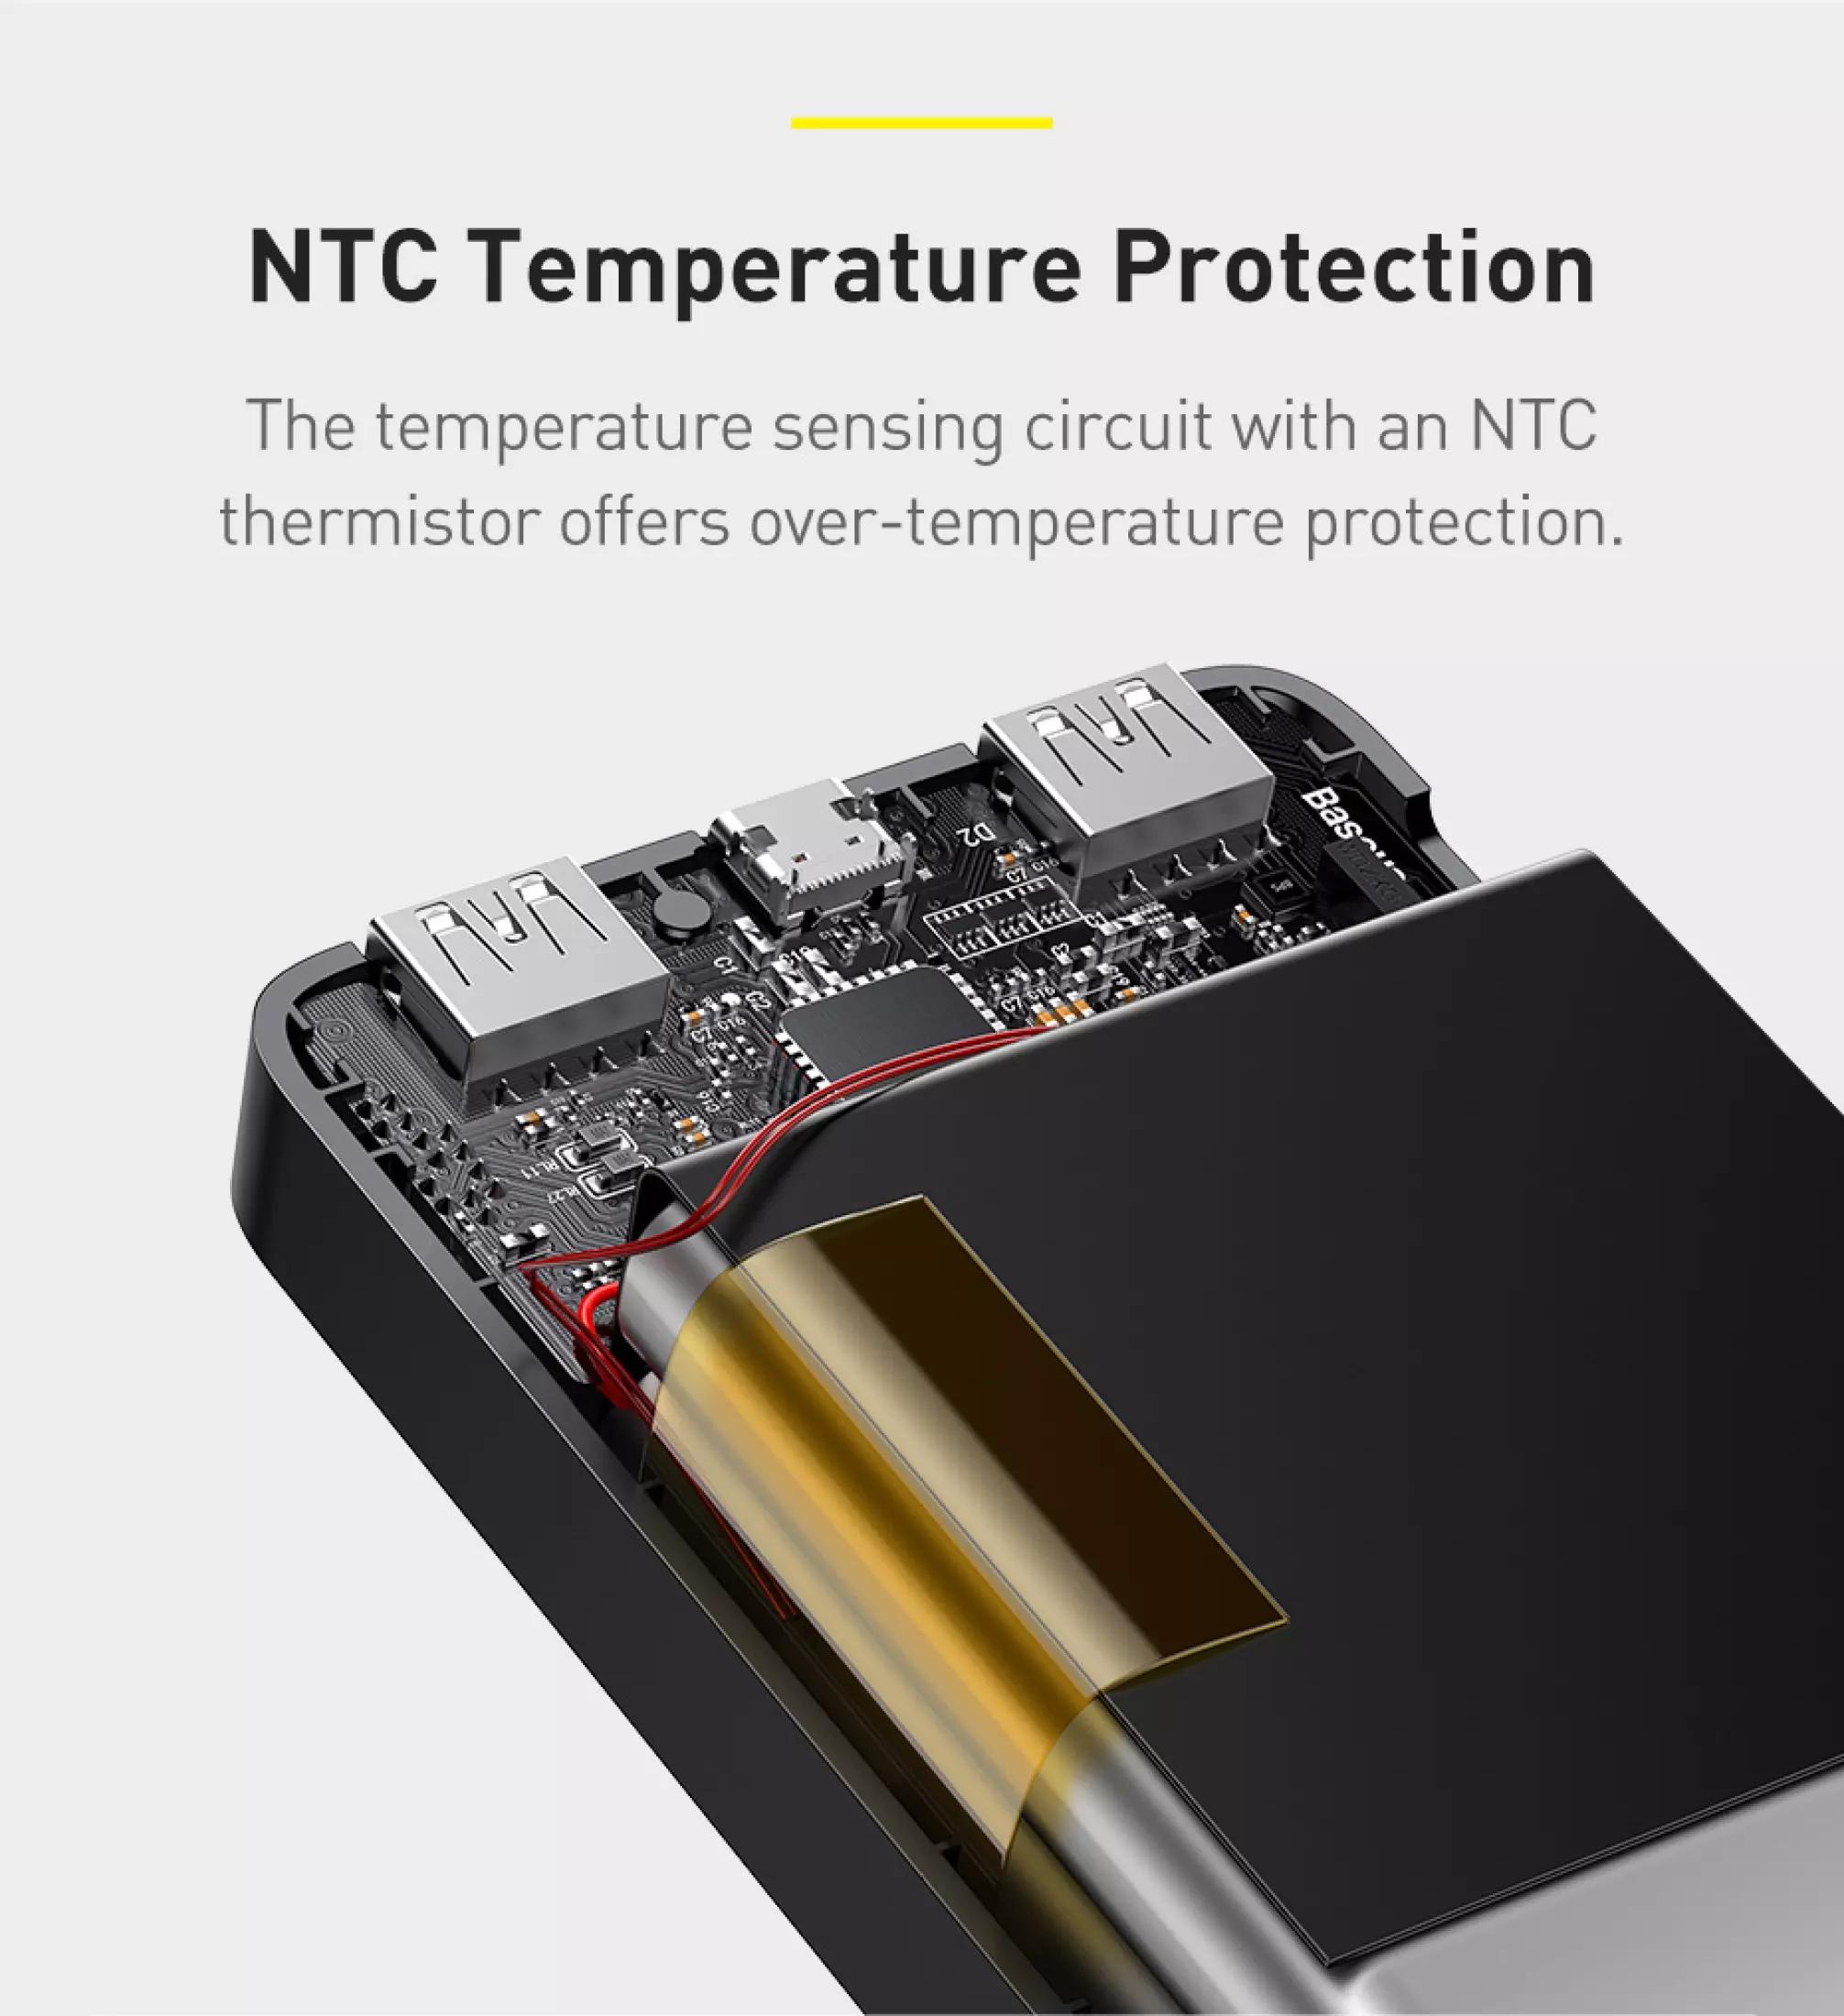 Pin sạc dự phòng Baseus dung lượng 10000mAh công suất 15W hoặc 20W, màn hình LED hiển thị, sạc nhanh QC, PD cho iPhone, Samsung, Xiaomi,....-Phân phối chính hãng tại Baseus Việt Nam 6